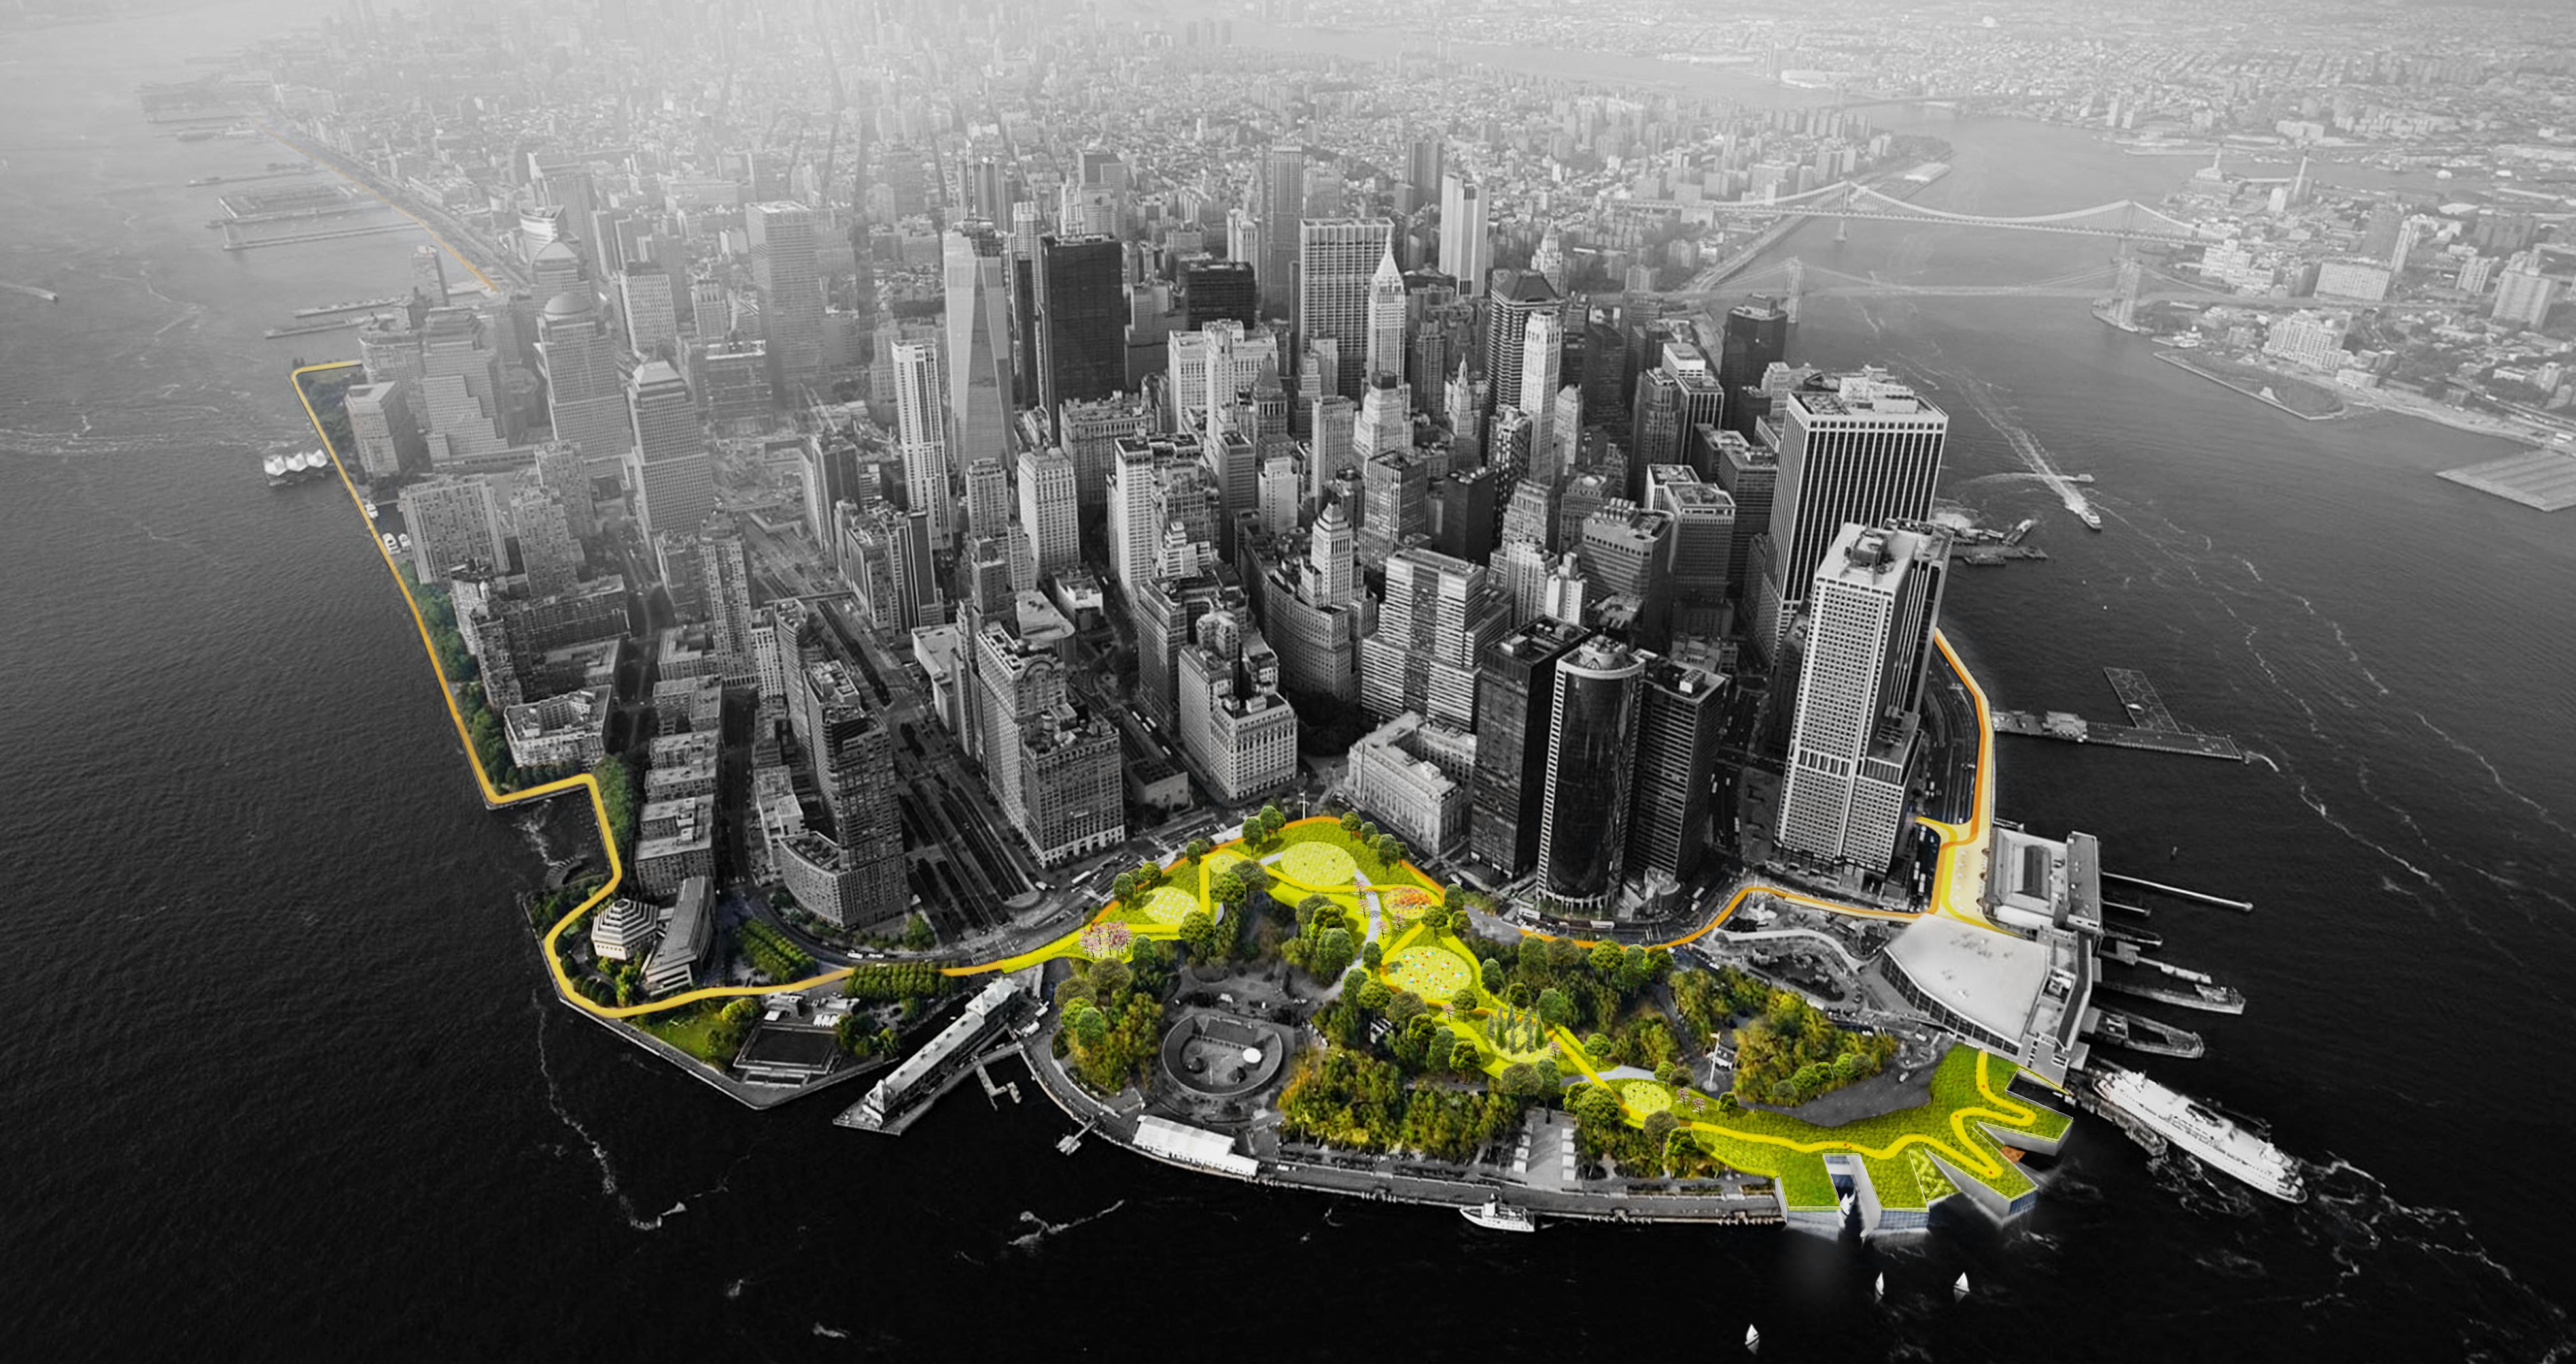 Vista aérea da parte baixa de Manhattan. Os espaços verdes são coloridos em verde e amarelo, enquanto o restante da imagem é preto e branco